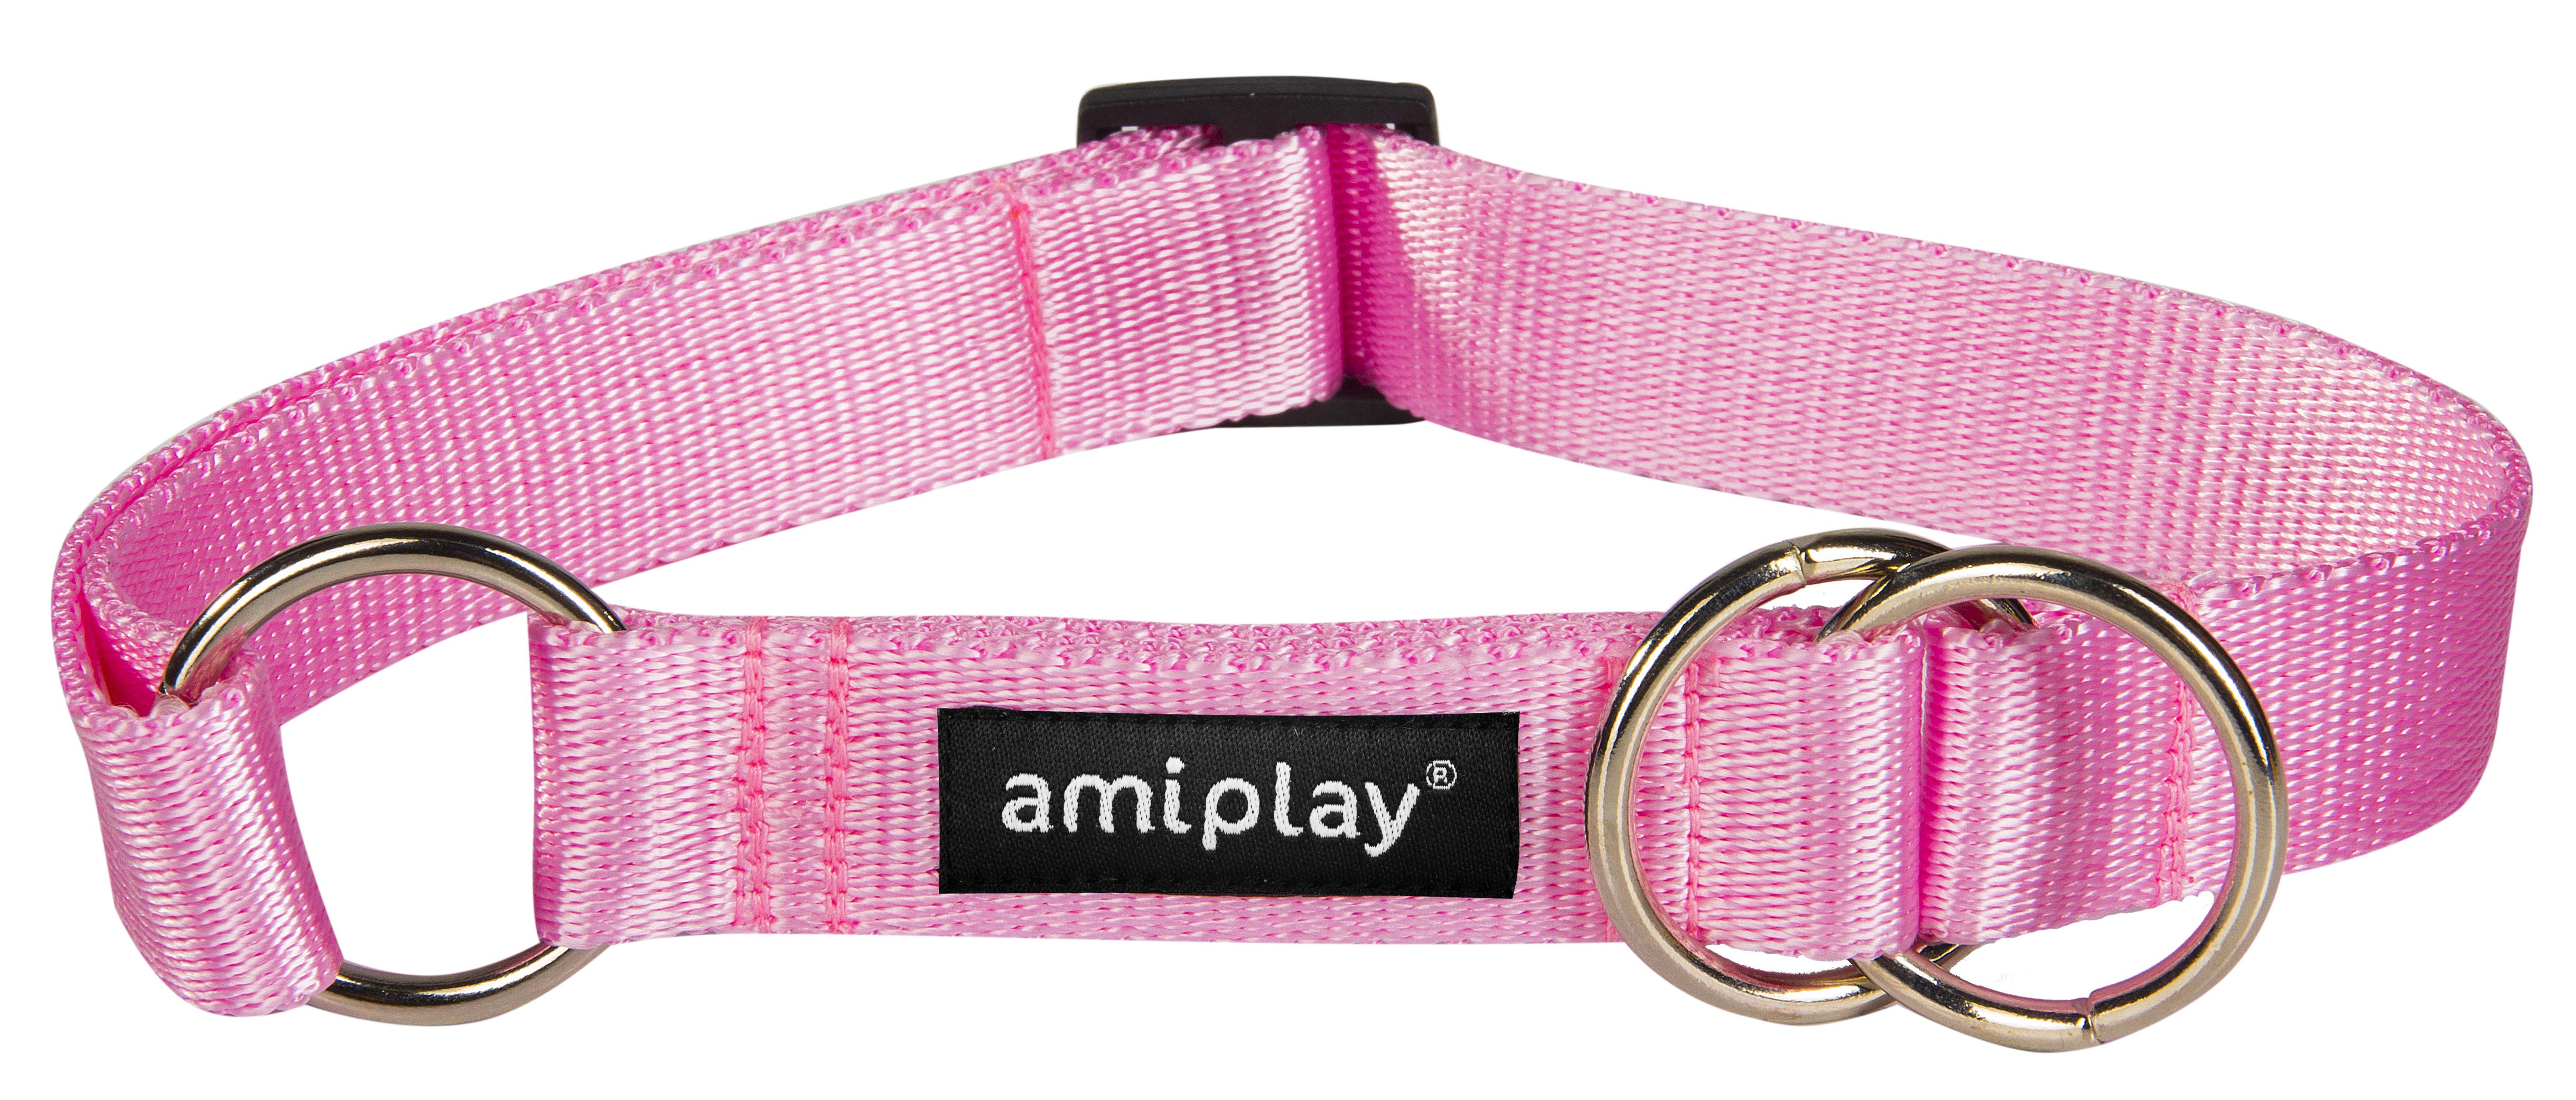 Obojek pro psa polostahovací nylonový - růžový - 2,5 x 34 - 55 cm